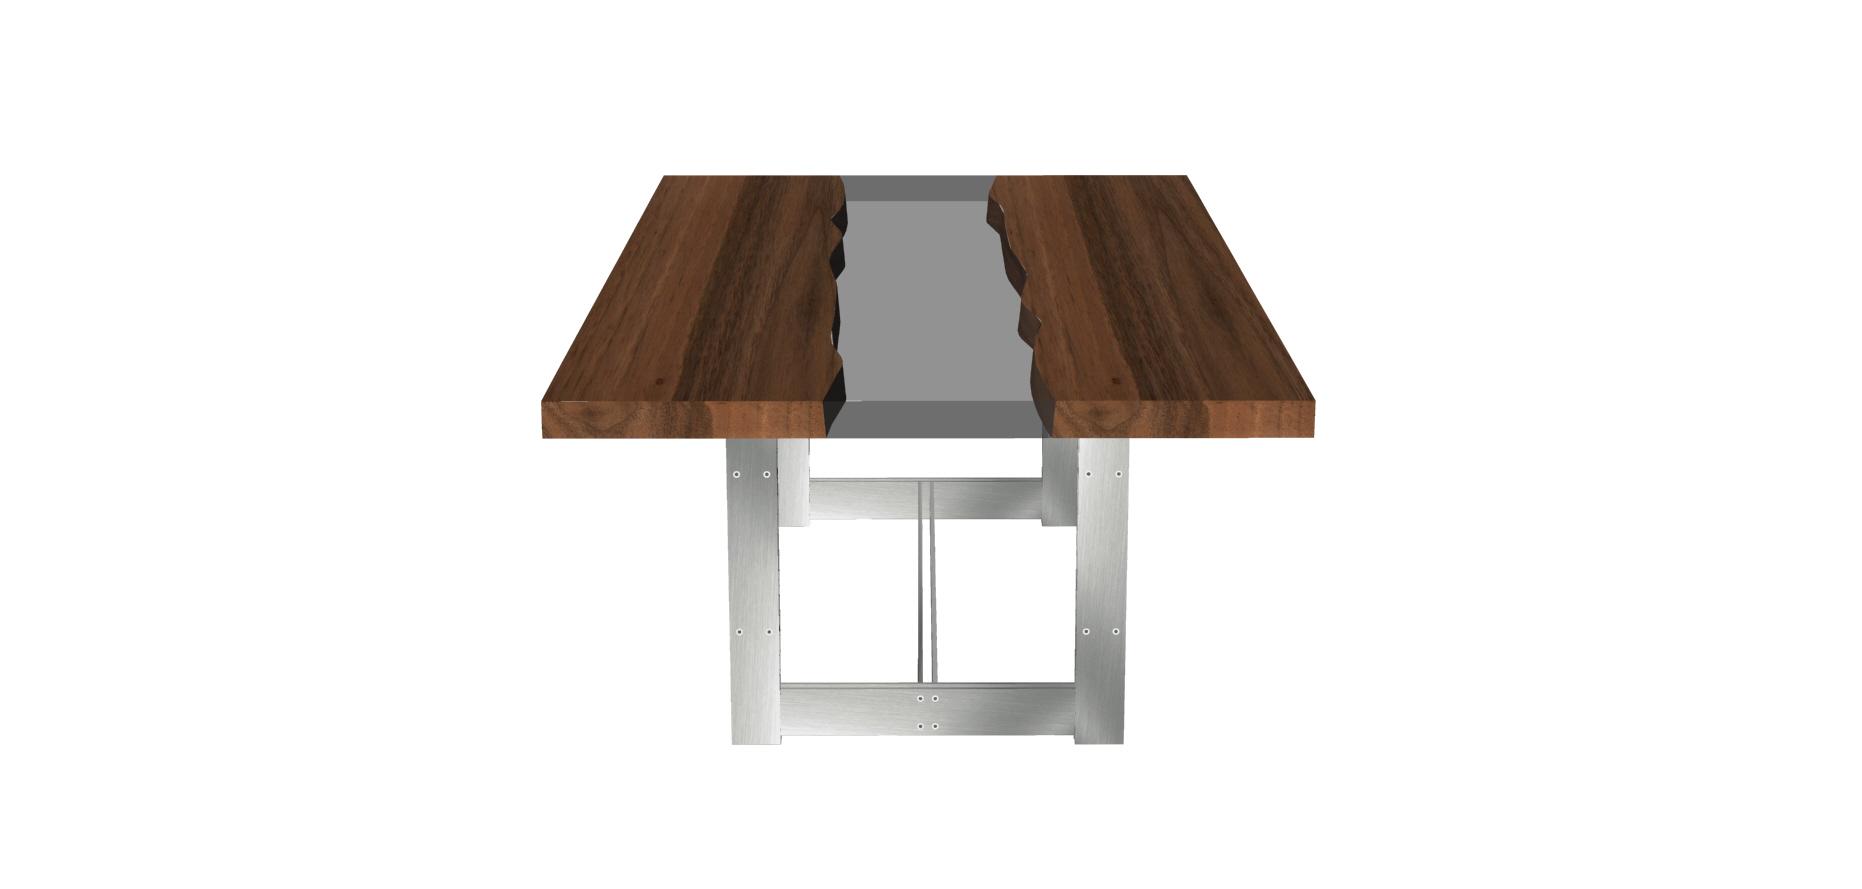 tavolo casarotto design legno noce nazionale resina 4